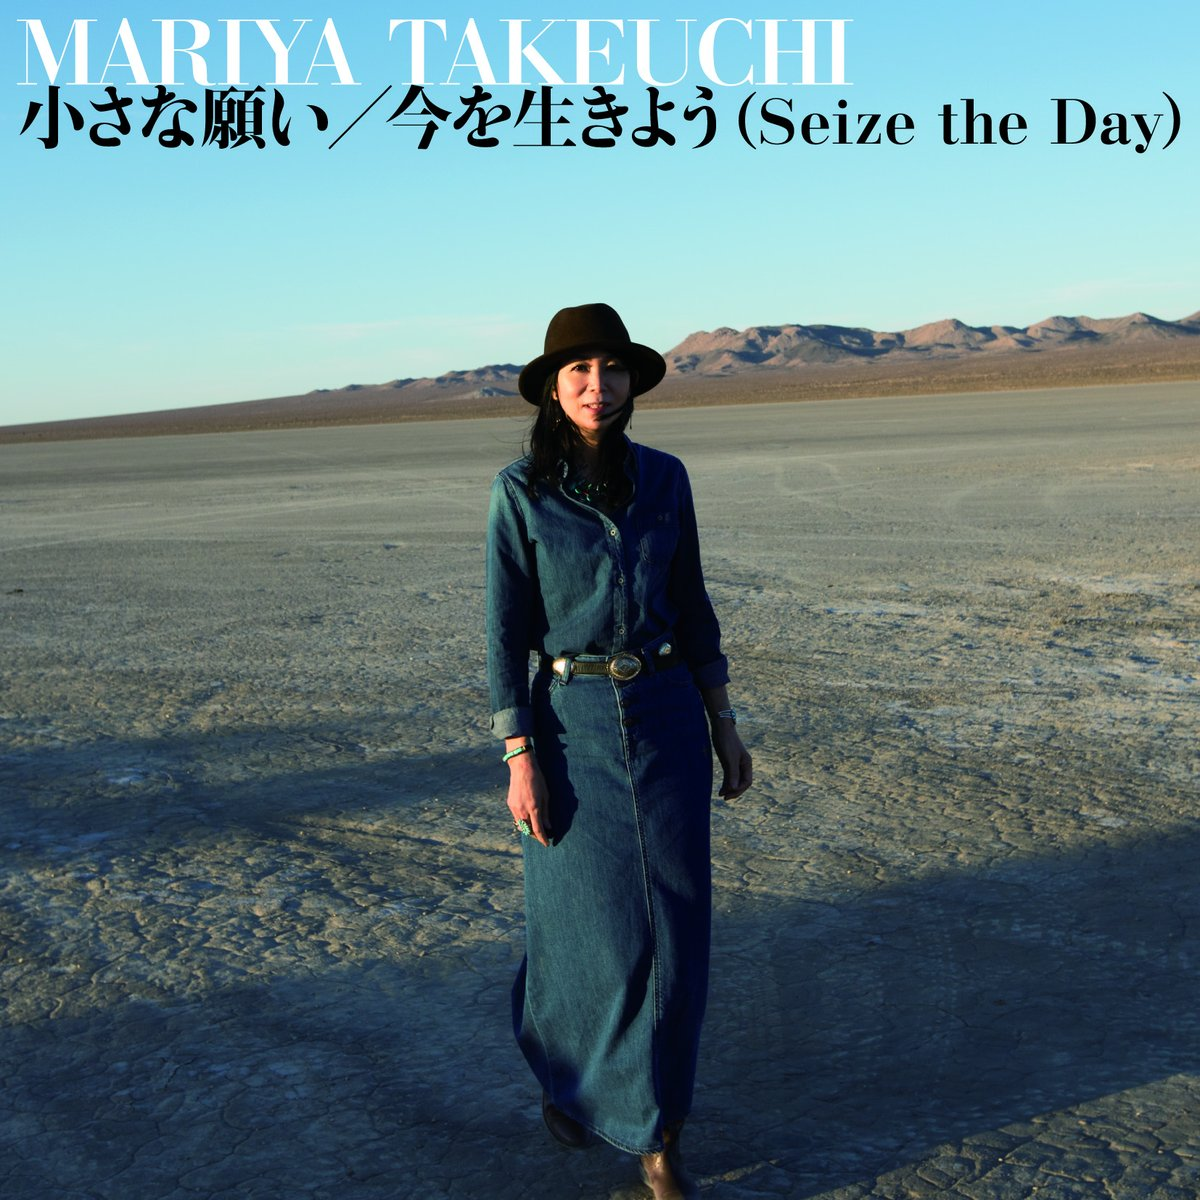 竹内まりや 今を生きよう(Seize the Day)